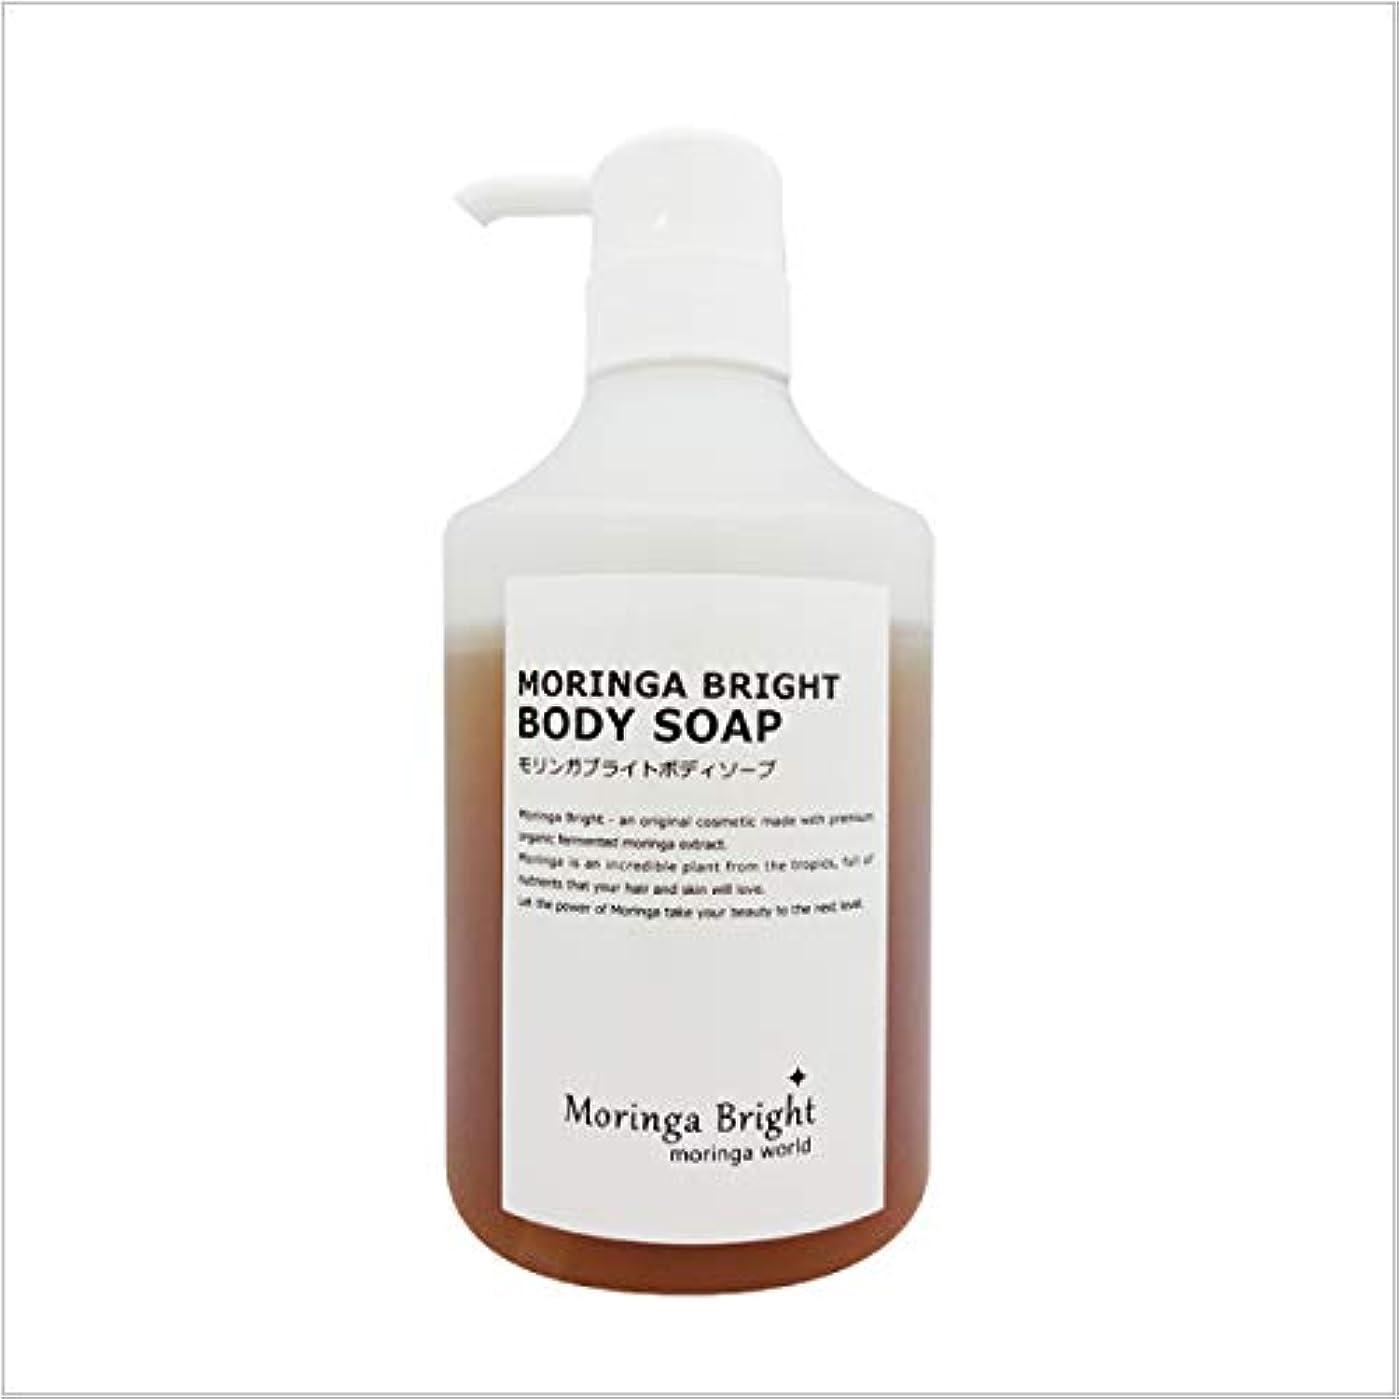 冷淡な人工有限無添加ボディ&洗顔ソープ モリンガブライトボディソープ450ml 洗顔もできる無添加ボディソープ オーガニックモリンガを乳酸発酵させた保湿美容成分「発酵モリンガエキス」配合